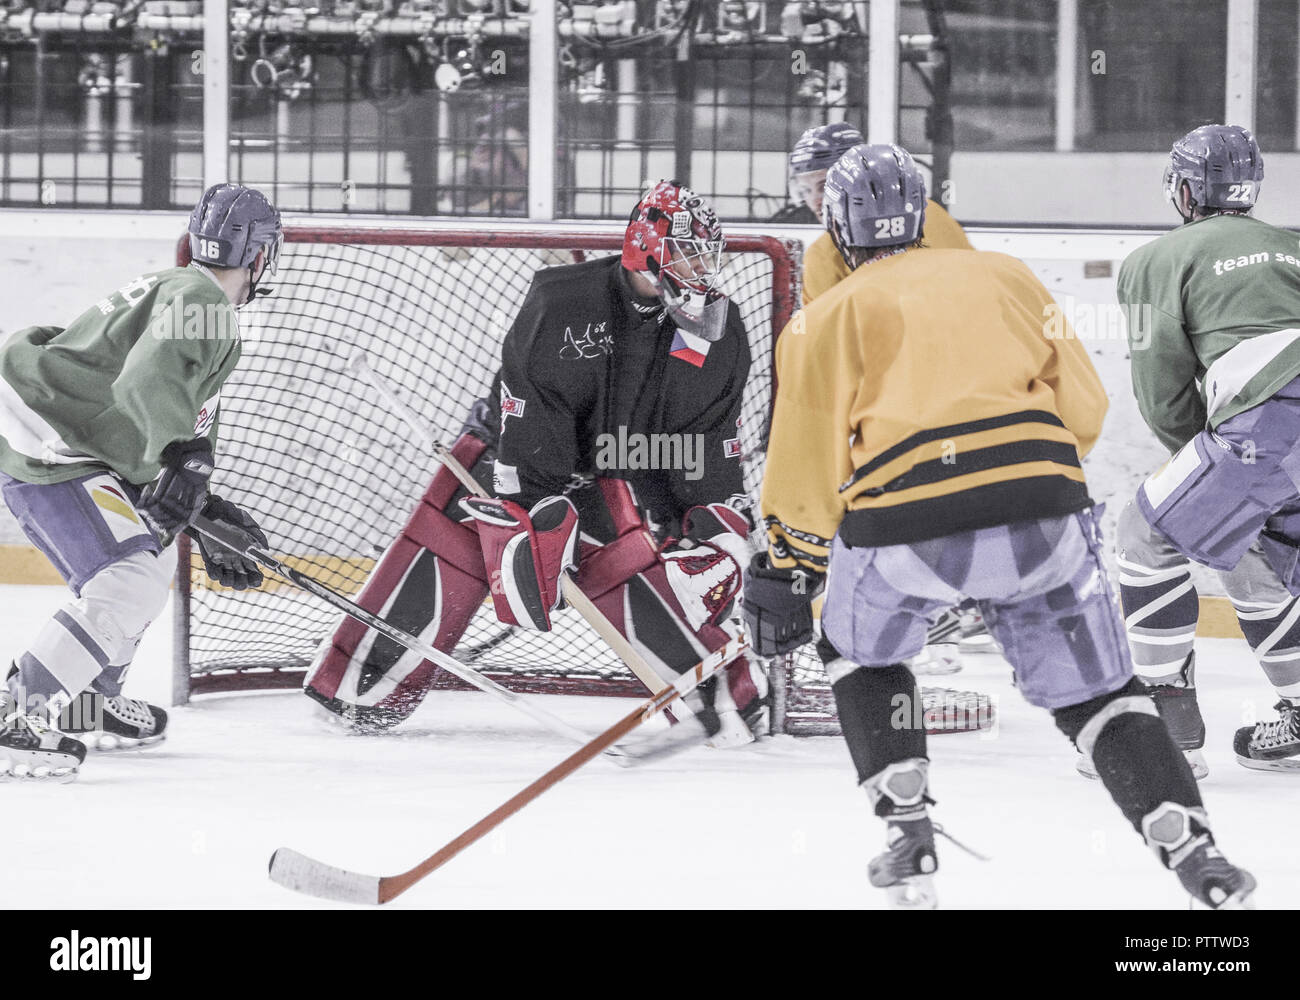 Eishockey, Spielszene vor dem Tor (model-released) - Stock Image